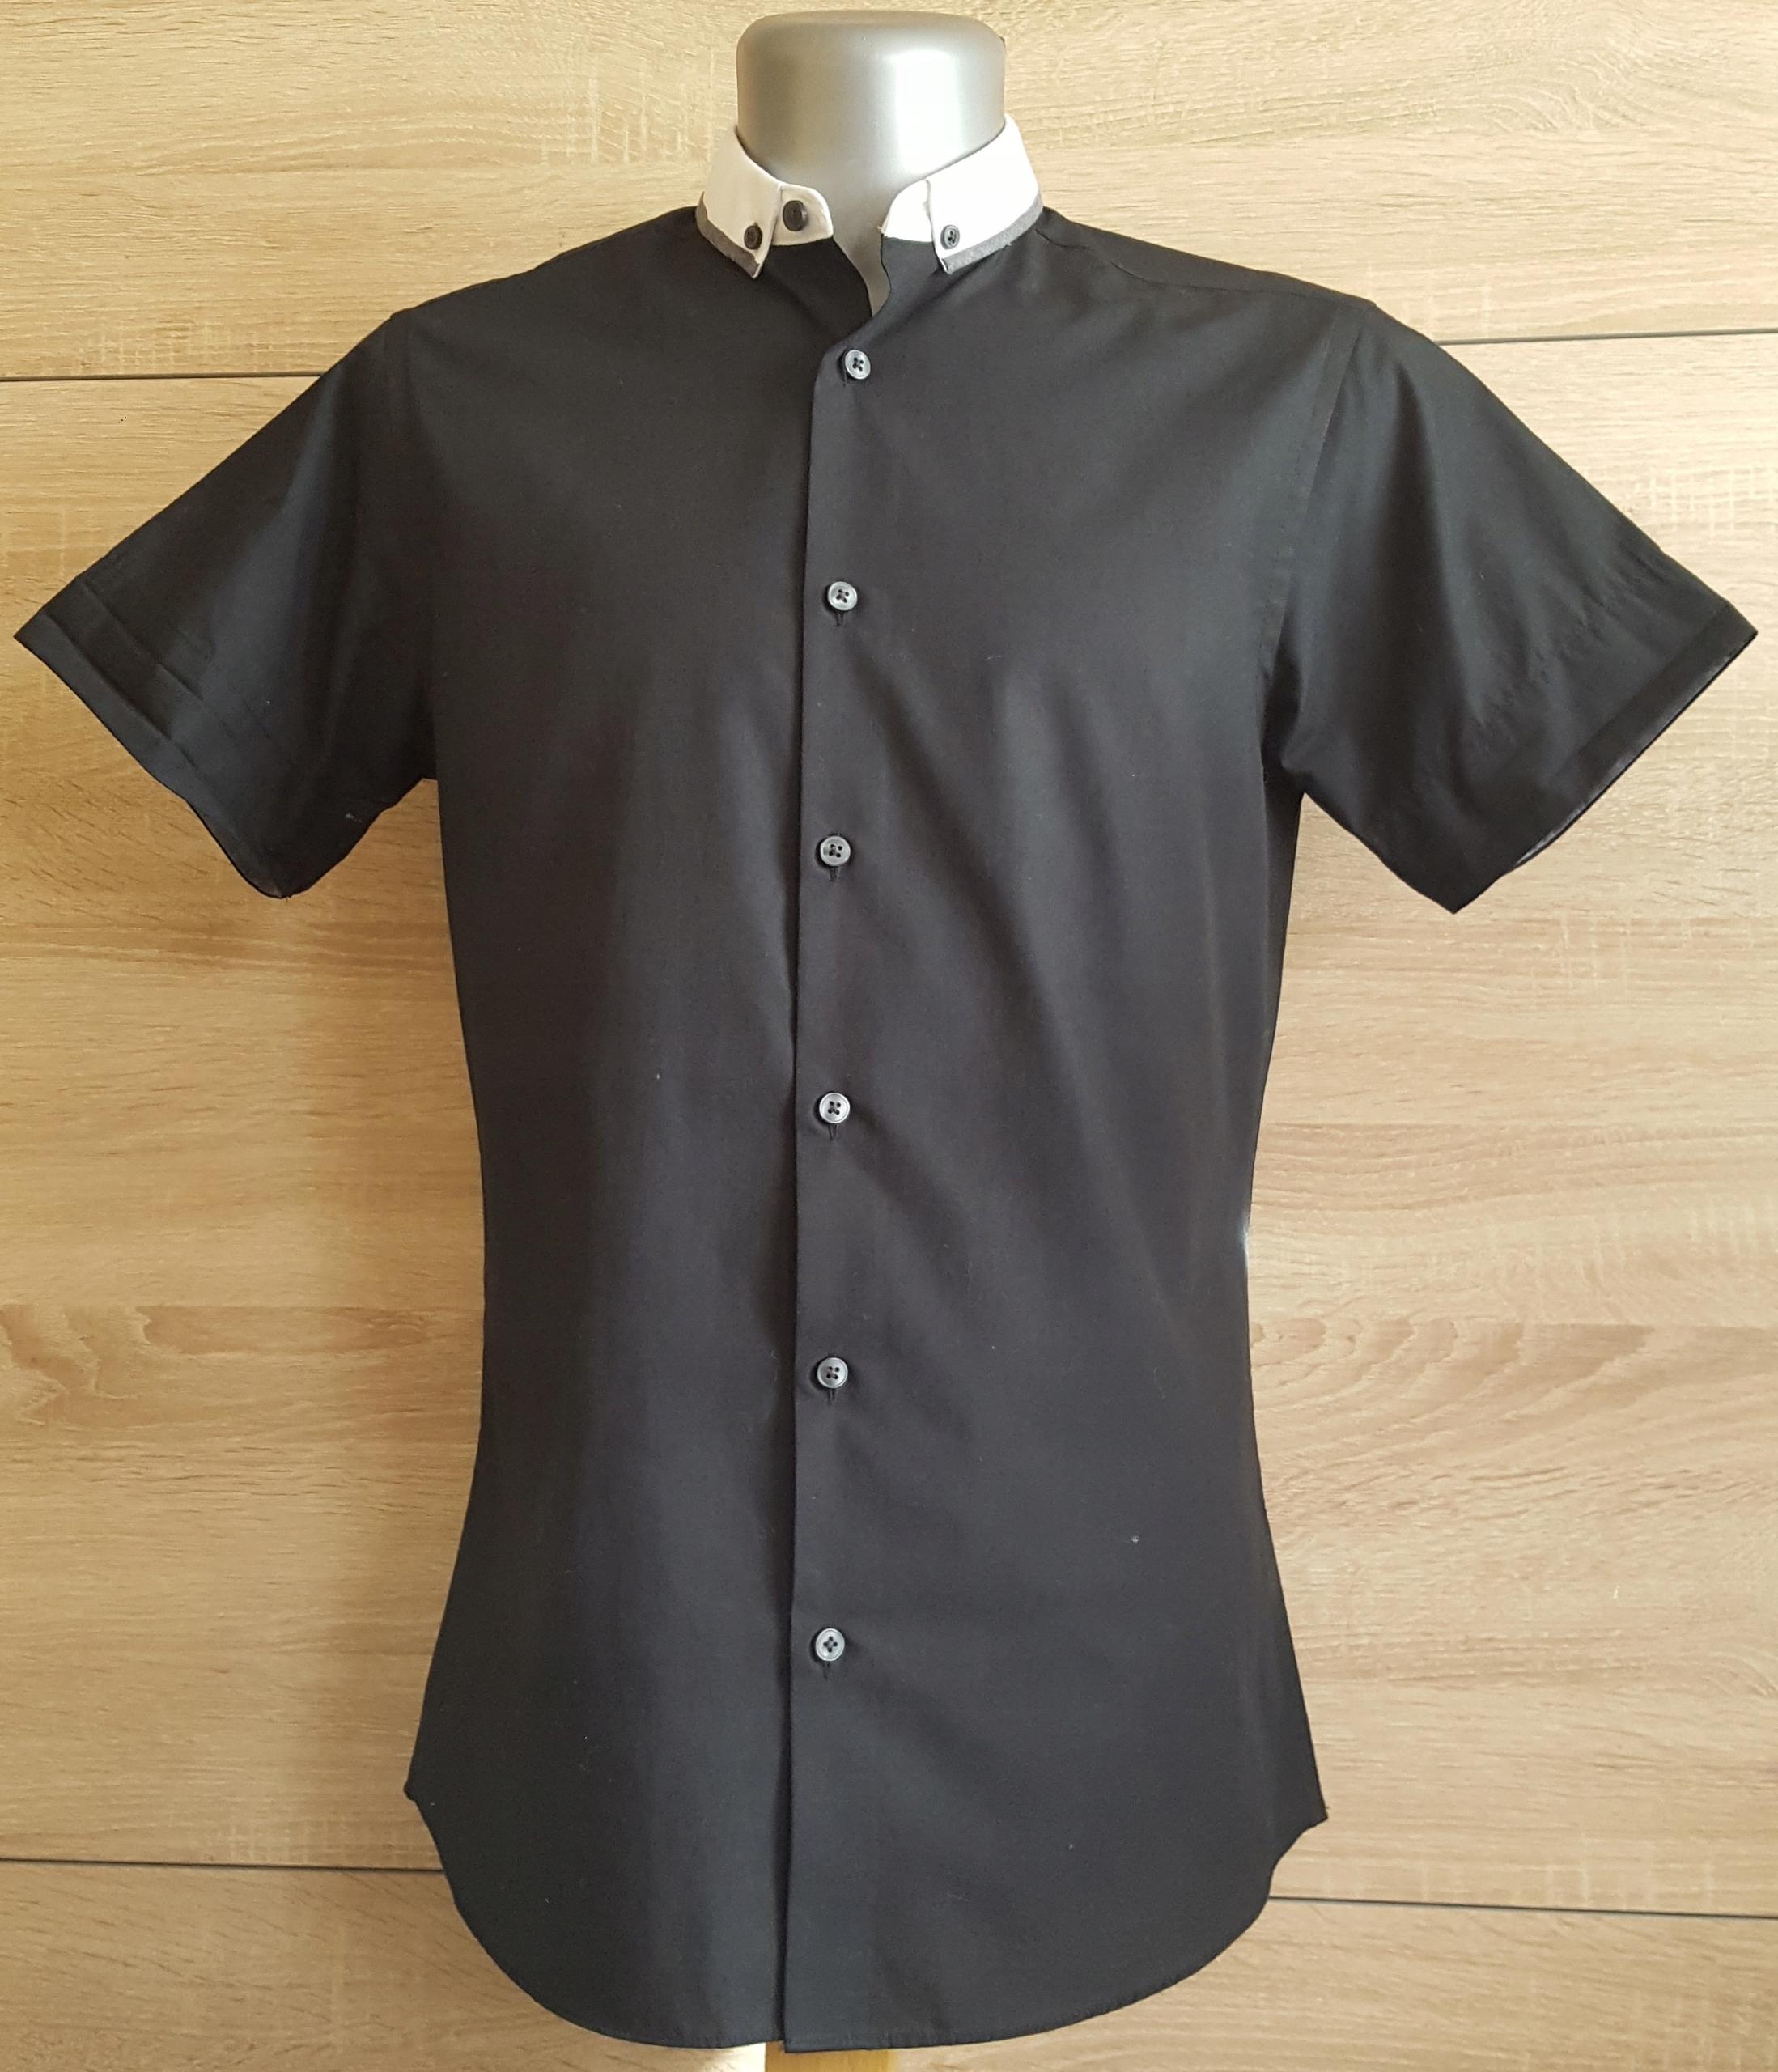 Koszula męska nowa NEW LOOK rozmiar S.